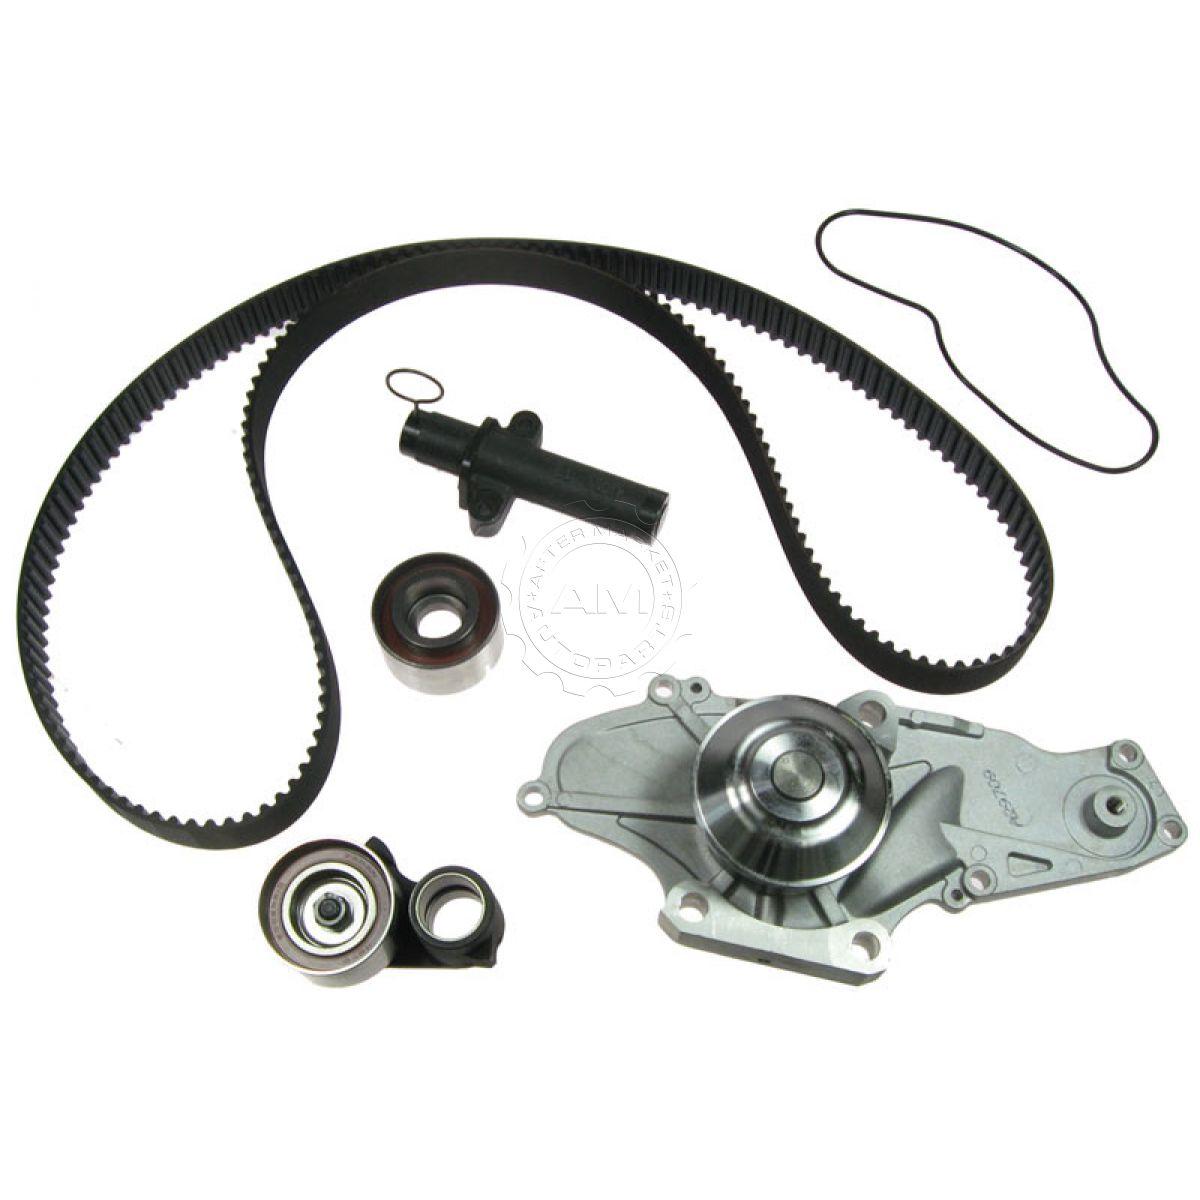 Timing Belt Kit w/ Water Pump Idler Tensioner TCKWP286 GATES for 3.5L 3.2L